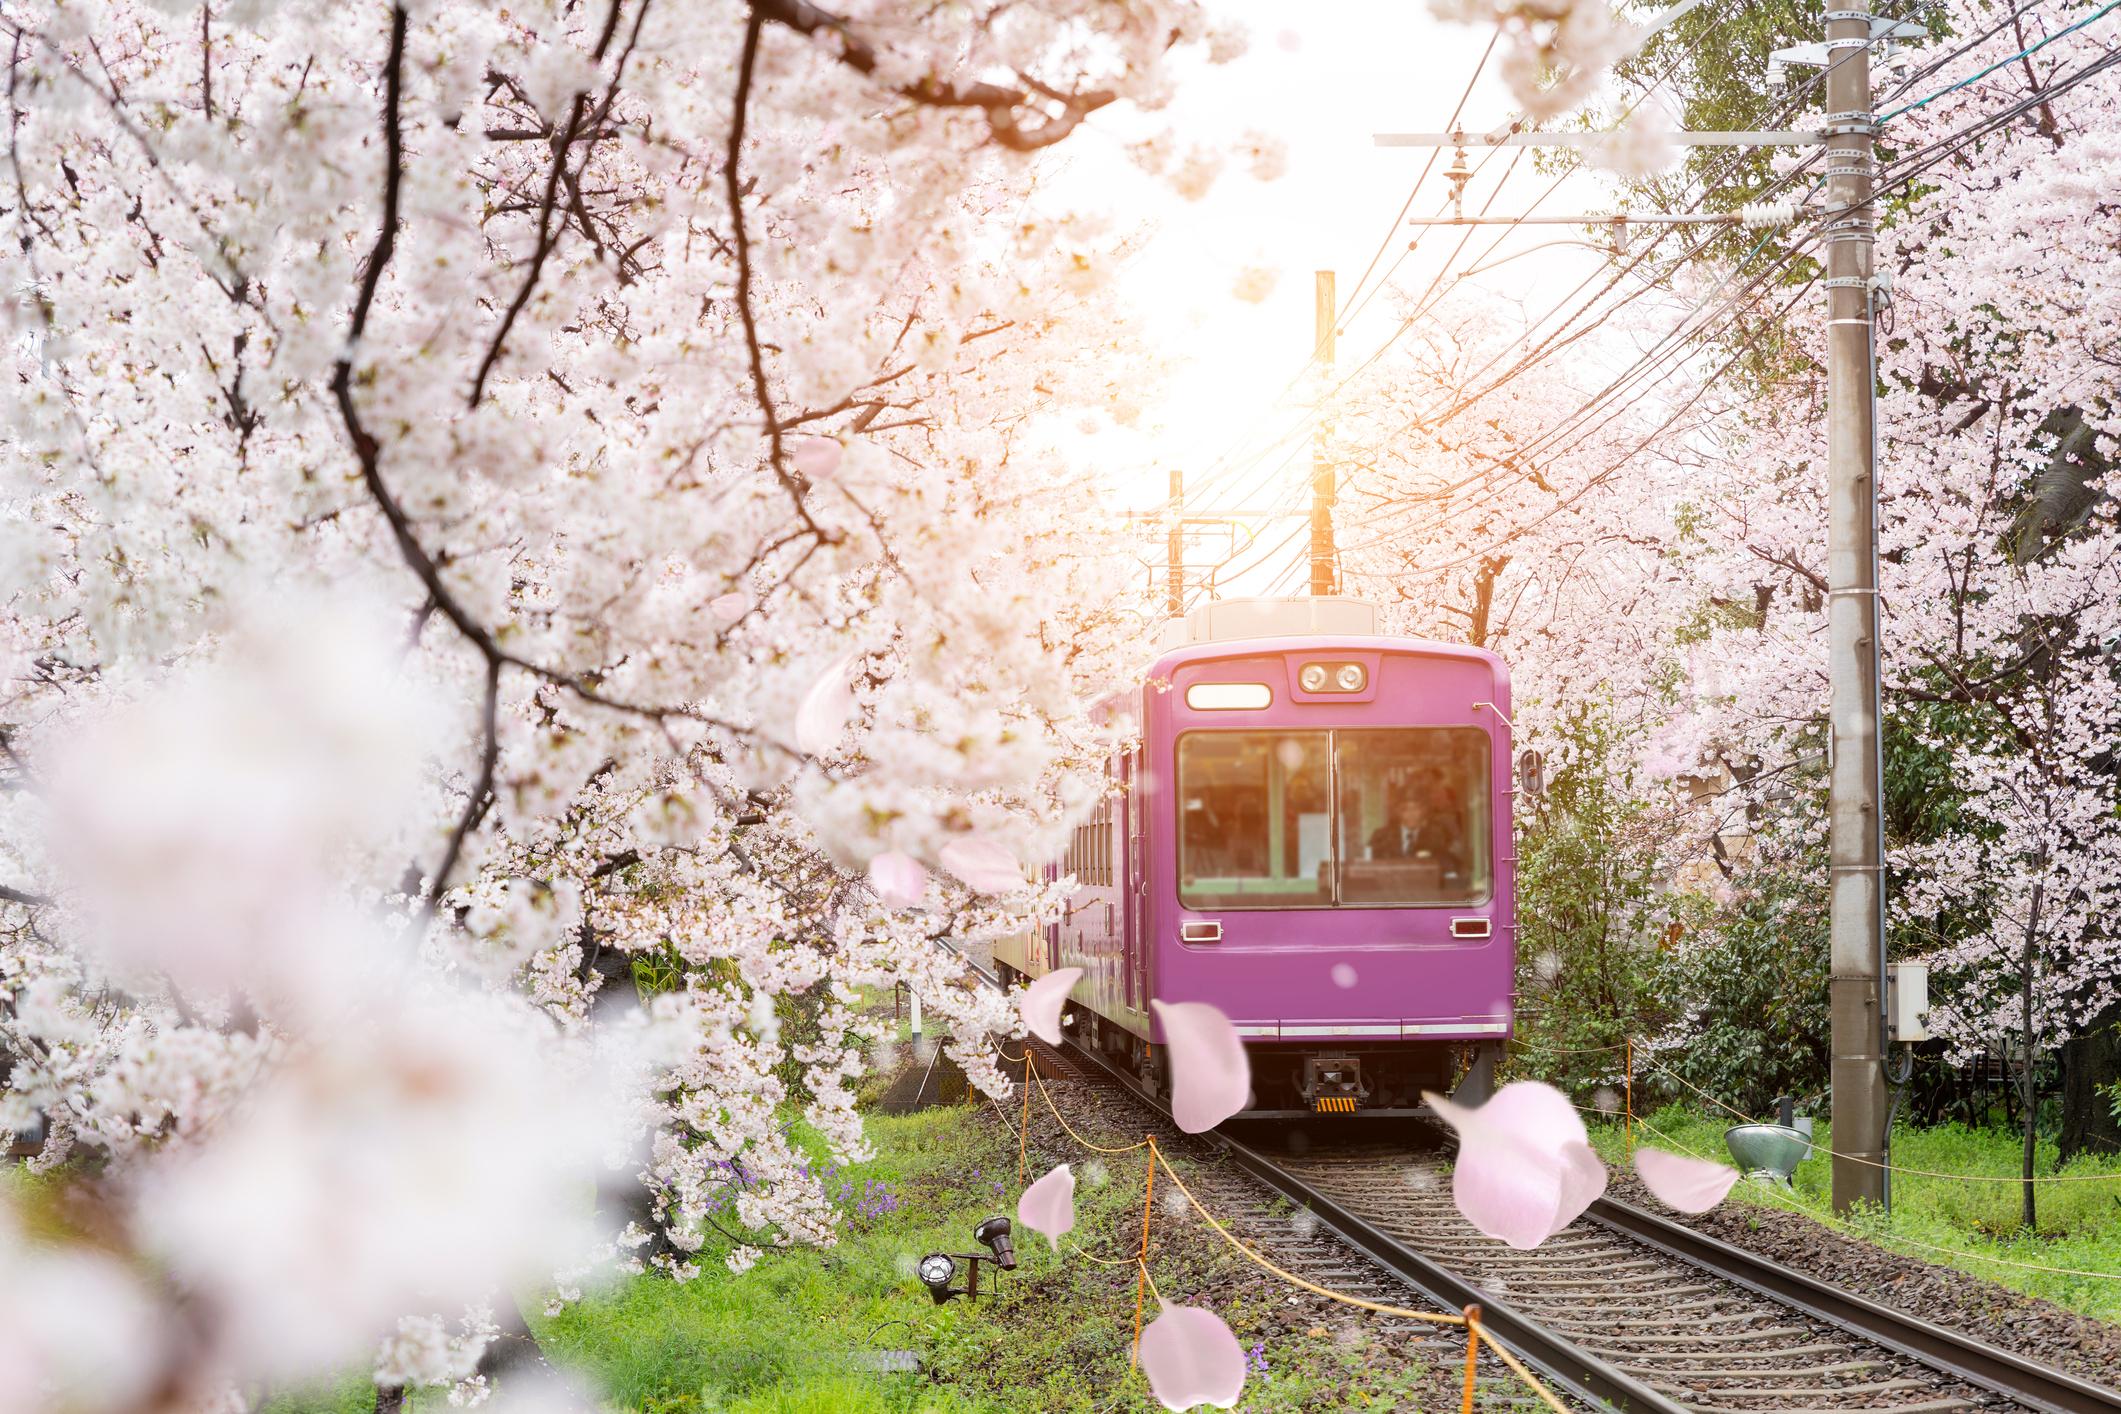 京都+嵐山+奈良公園一日遊(體驗嵐山電車)